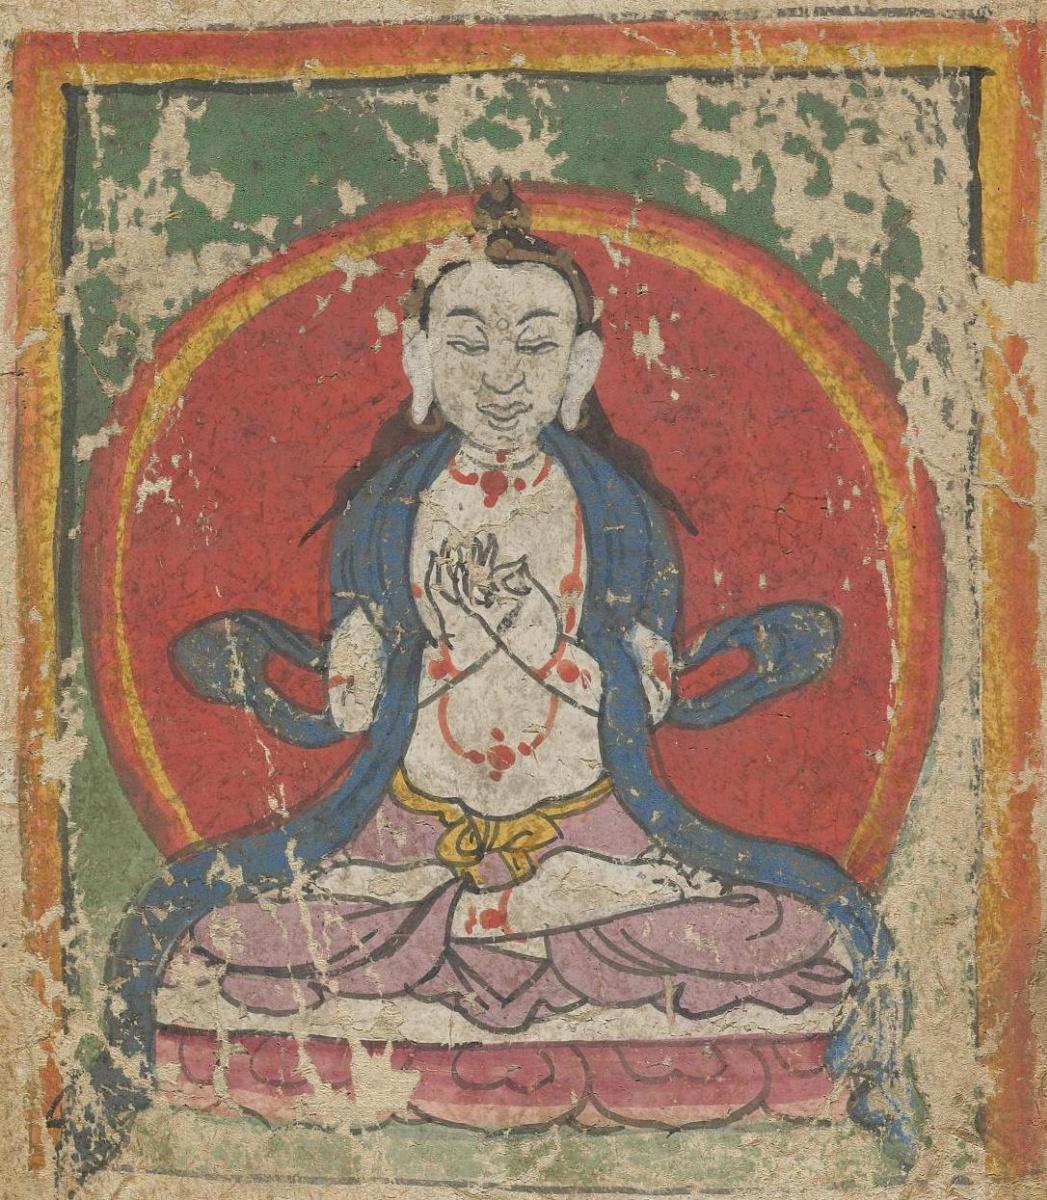 Unknown artist. The deity of the Tibetan Bon religion. Map 55